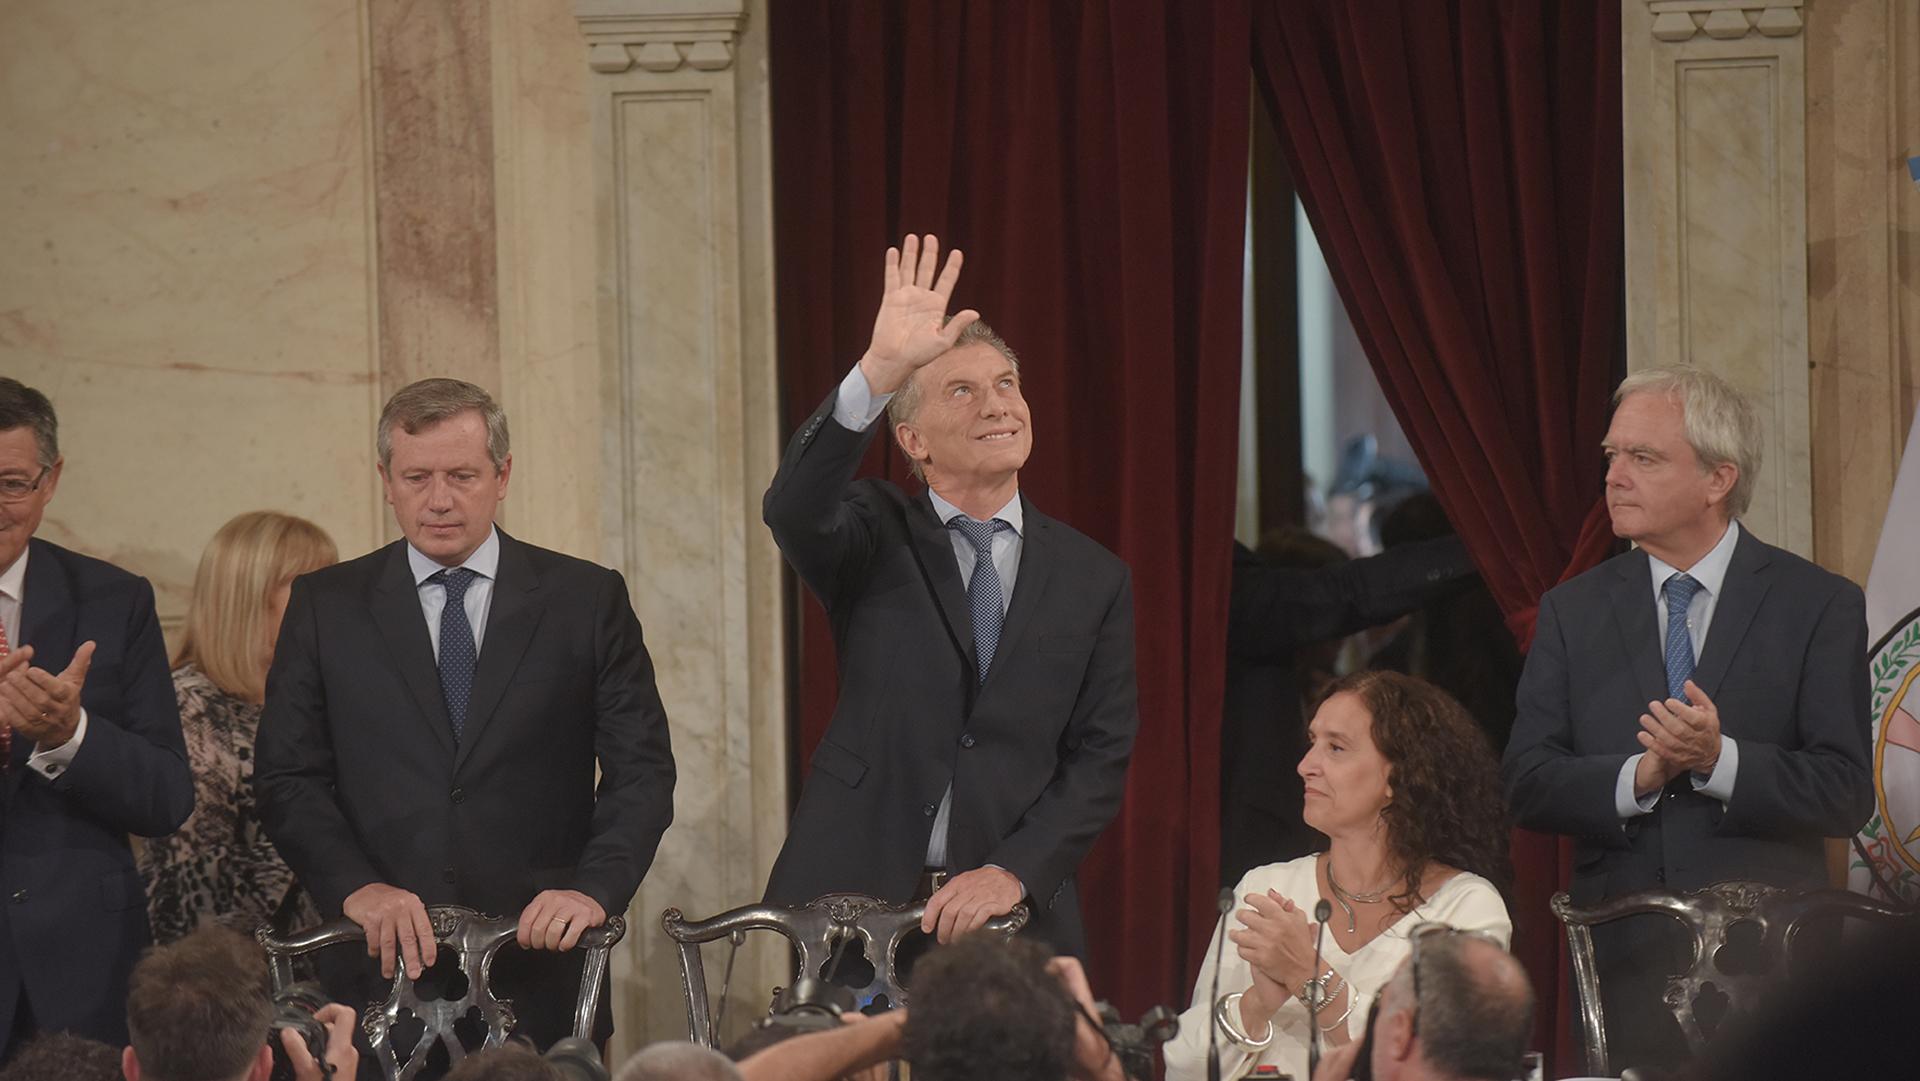 El Presidente saluda a los invitados en los palcos